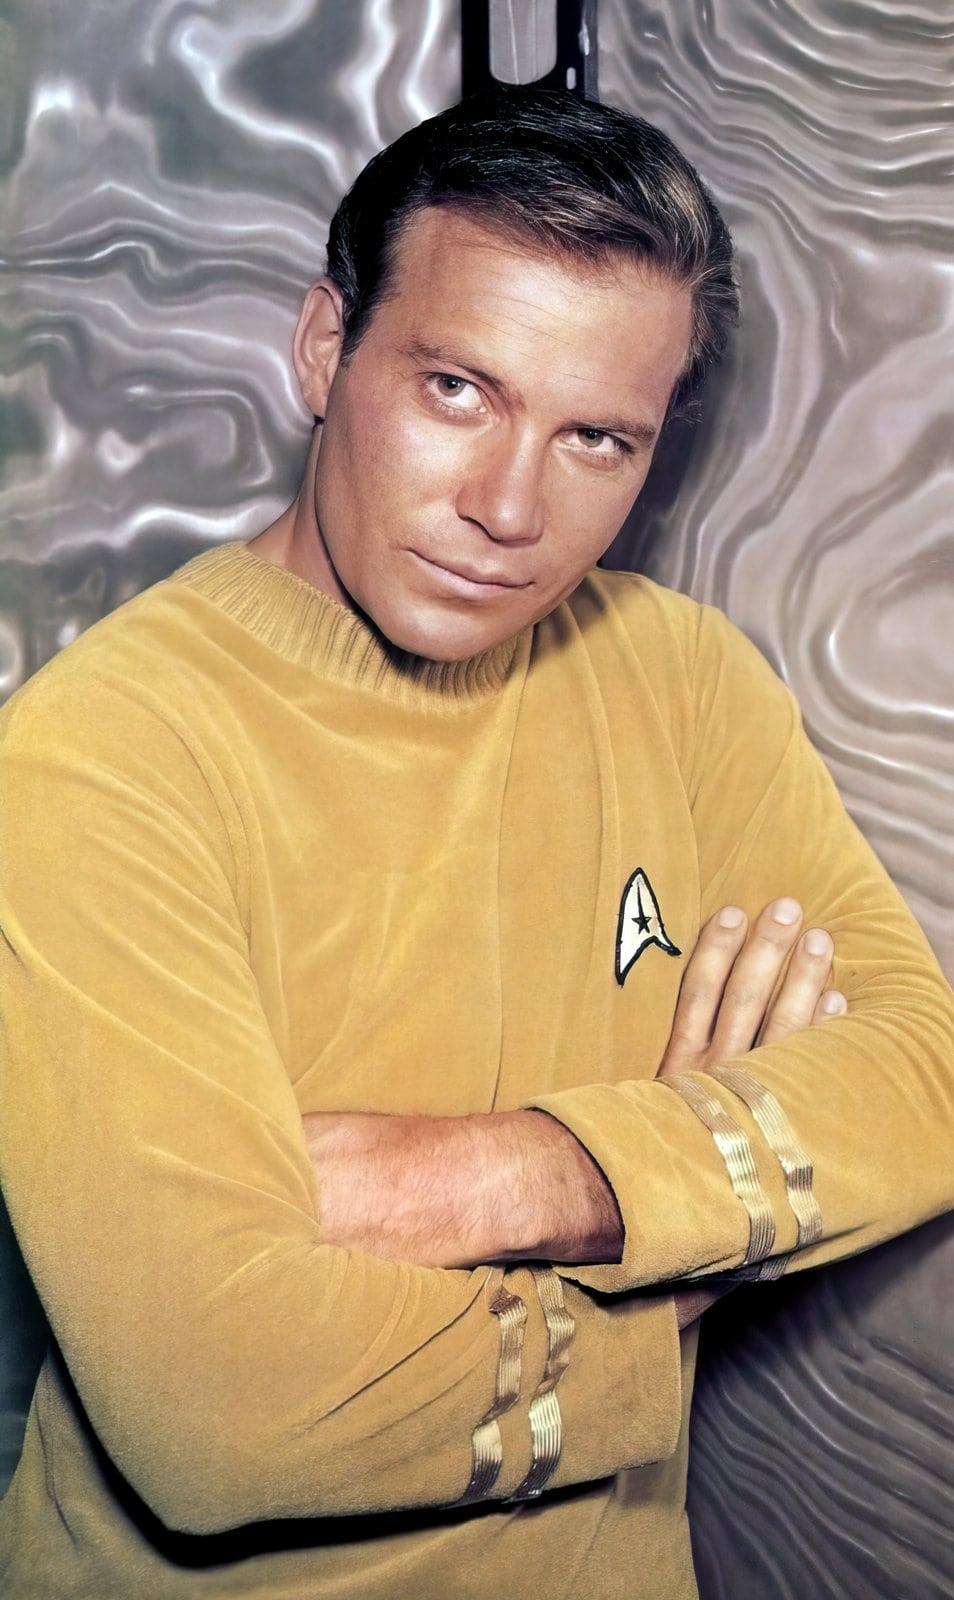 William Shatner as Captain James T Kirk - Star Trek